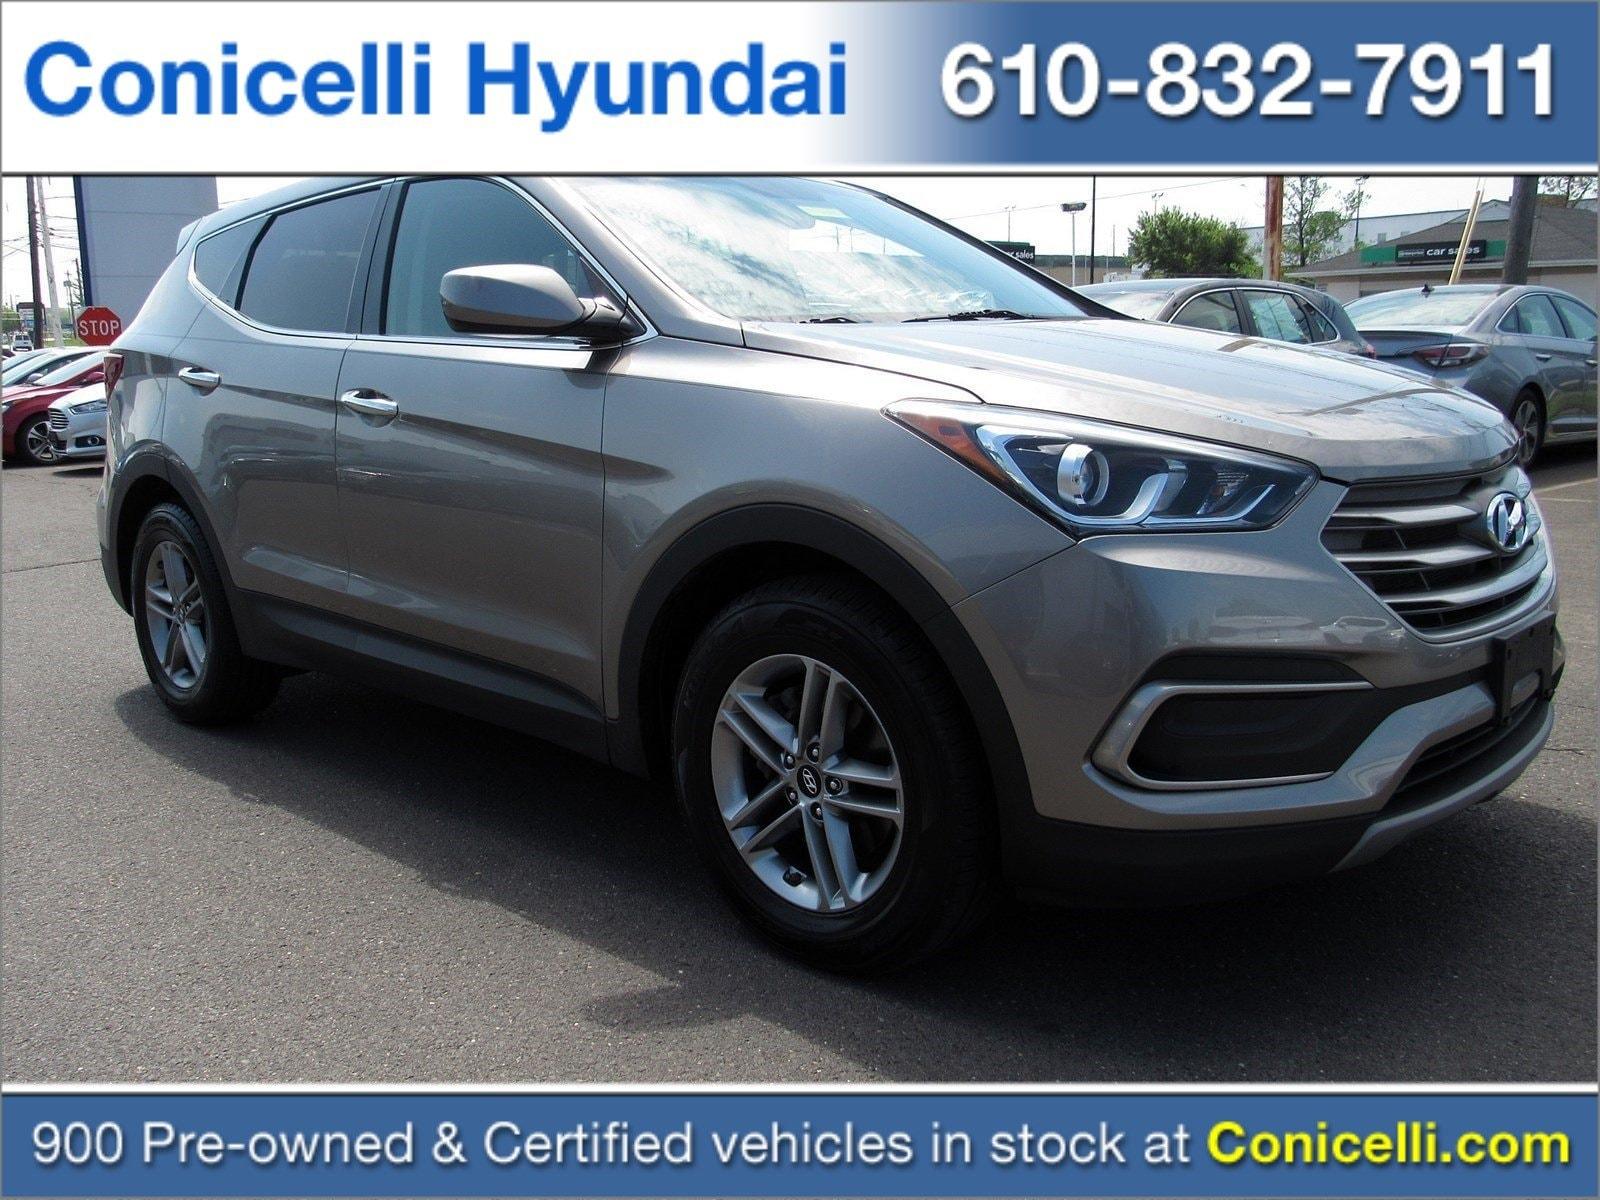 2018 Hyundai Santa Fe Sport 2.4L SUV